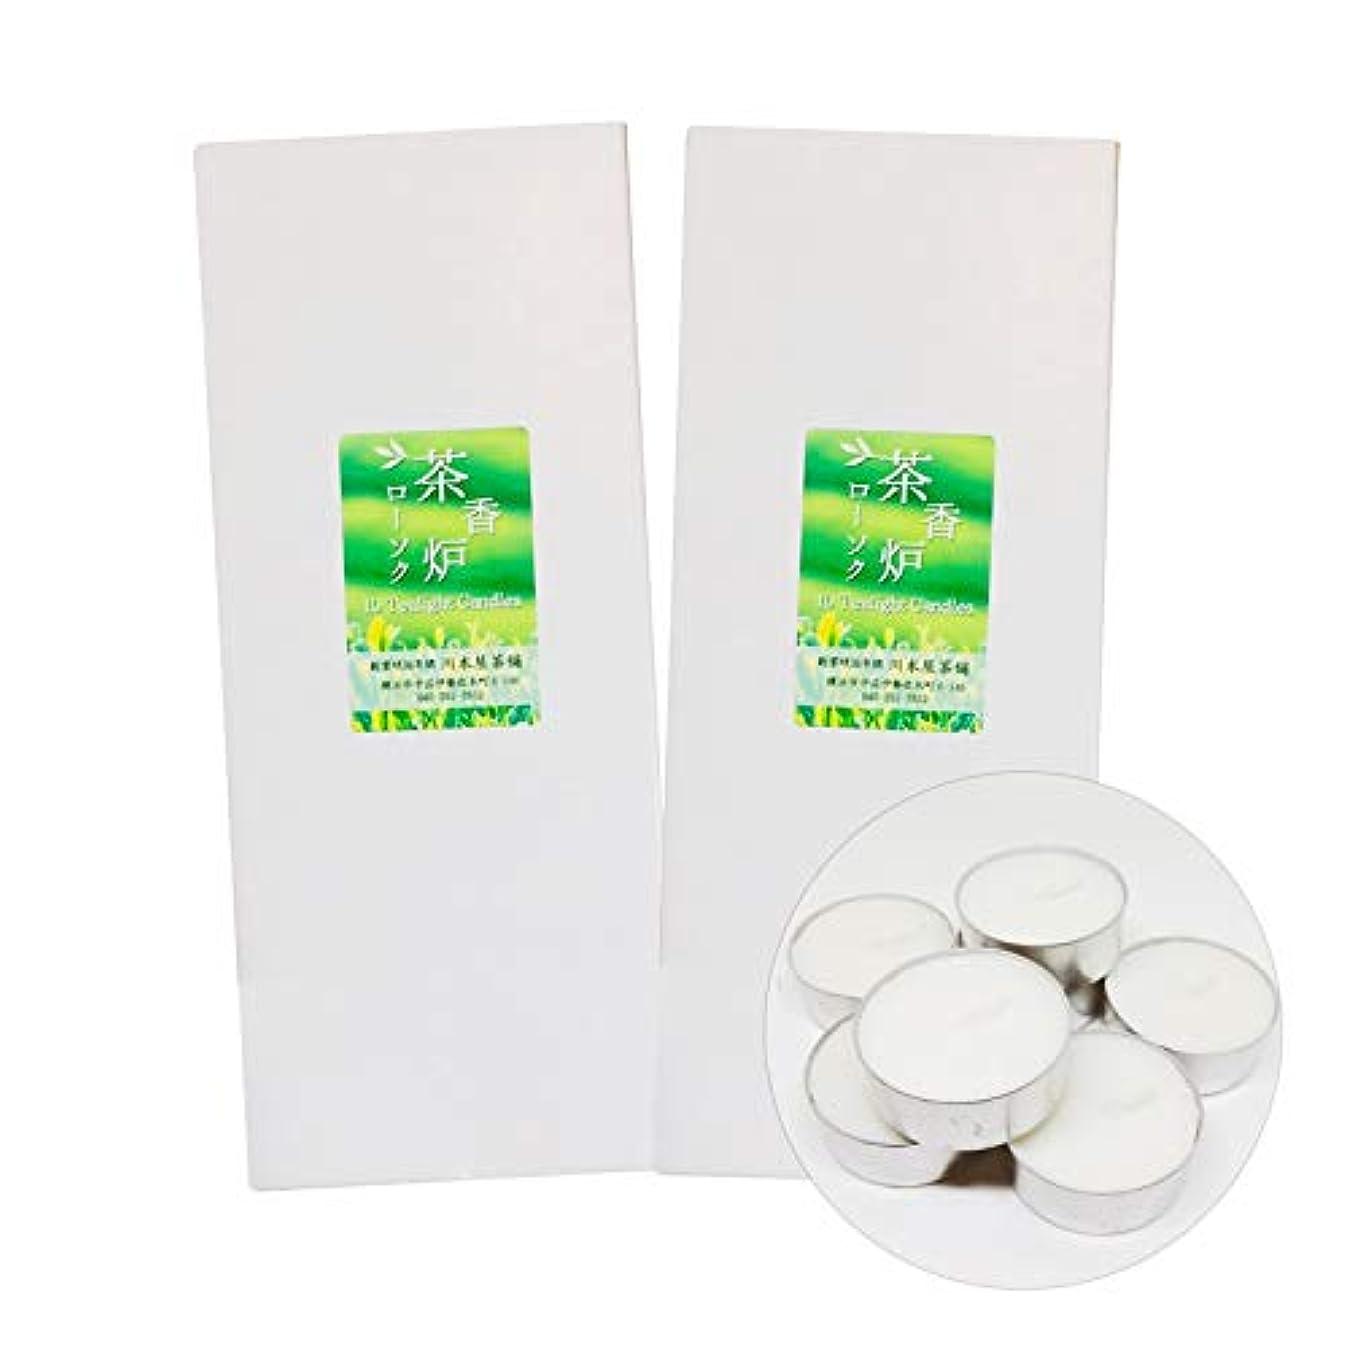 スクレーパー楽な条約茶香炉専用 ろうそく キャンドル 10個入り 川本屋茶舗 (2箱)